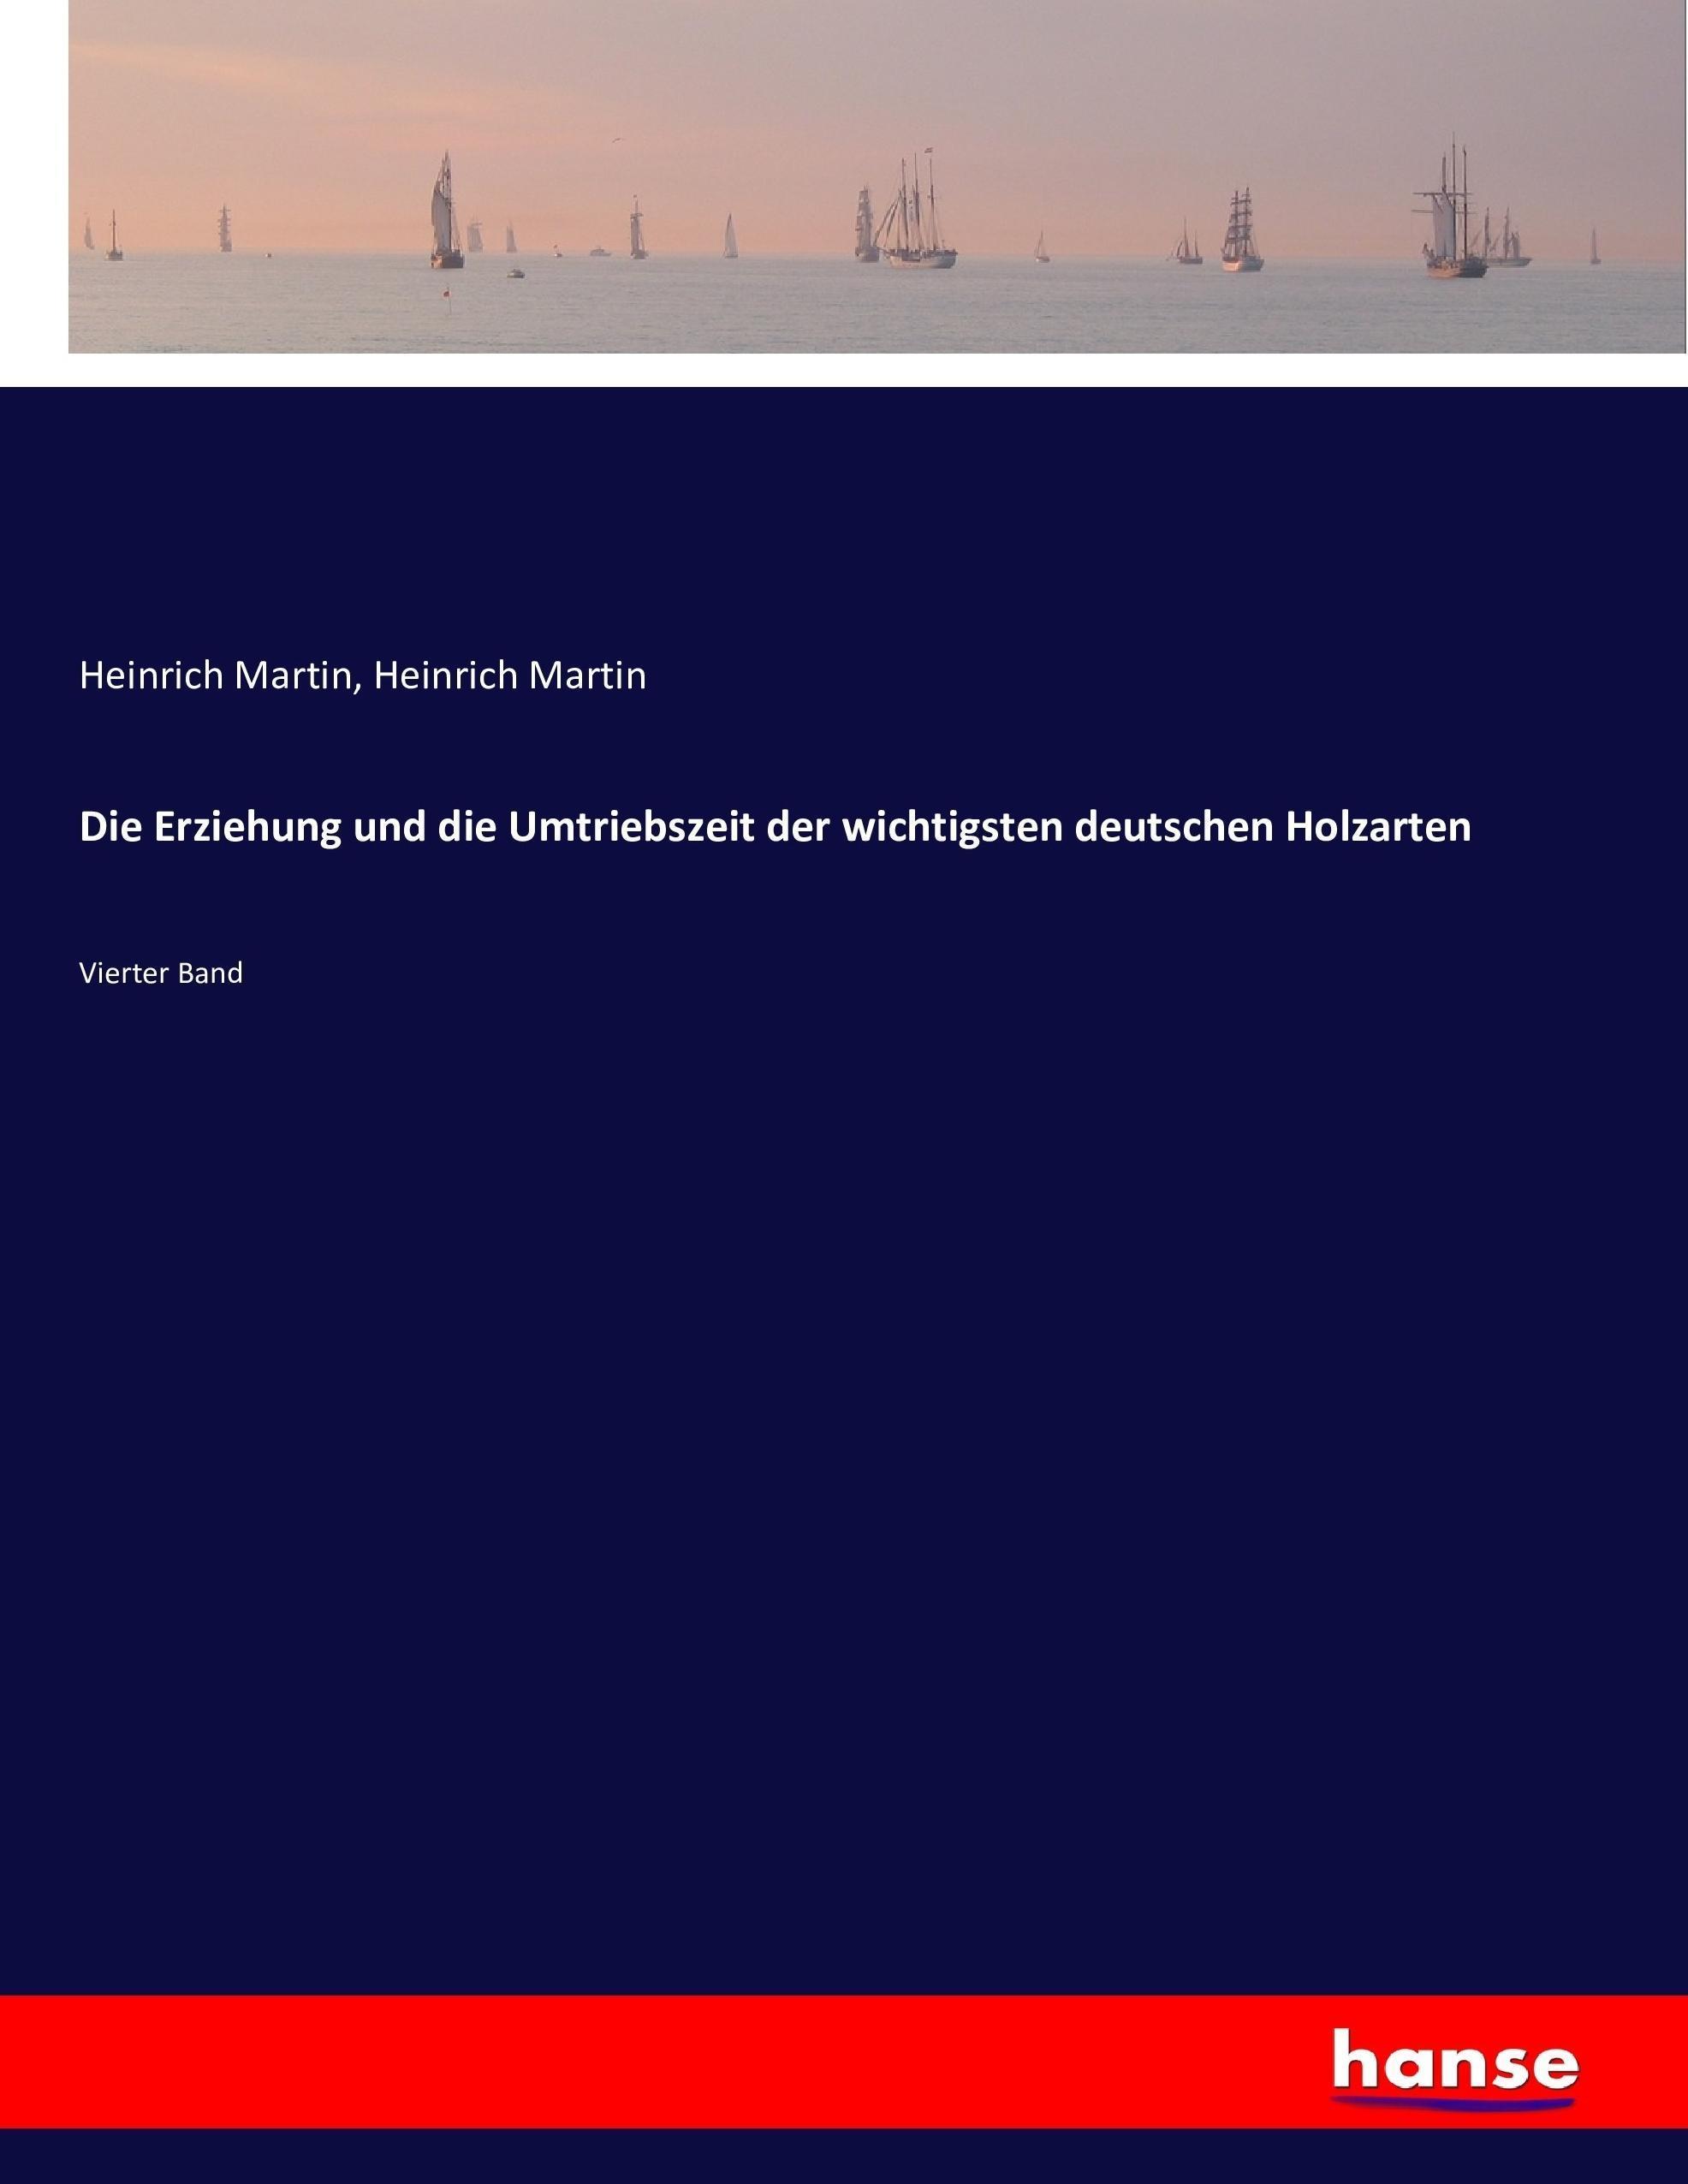 Heinrich Martin / Die Erziehung und die Umtriebszeit der wicht ...9783743411968